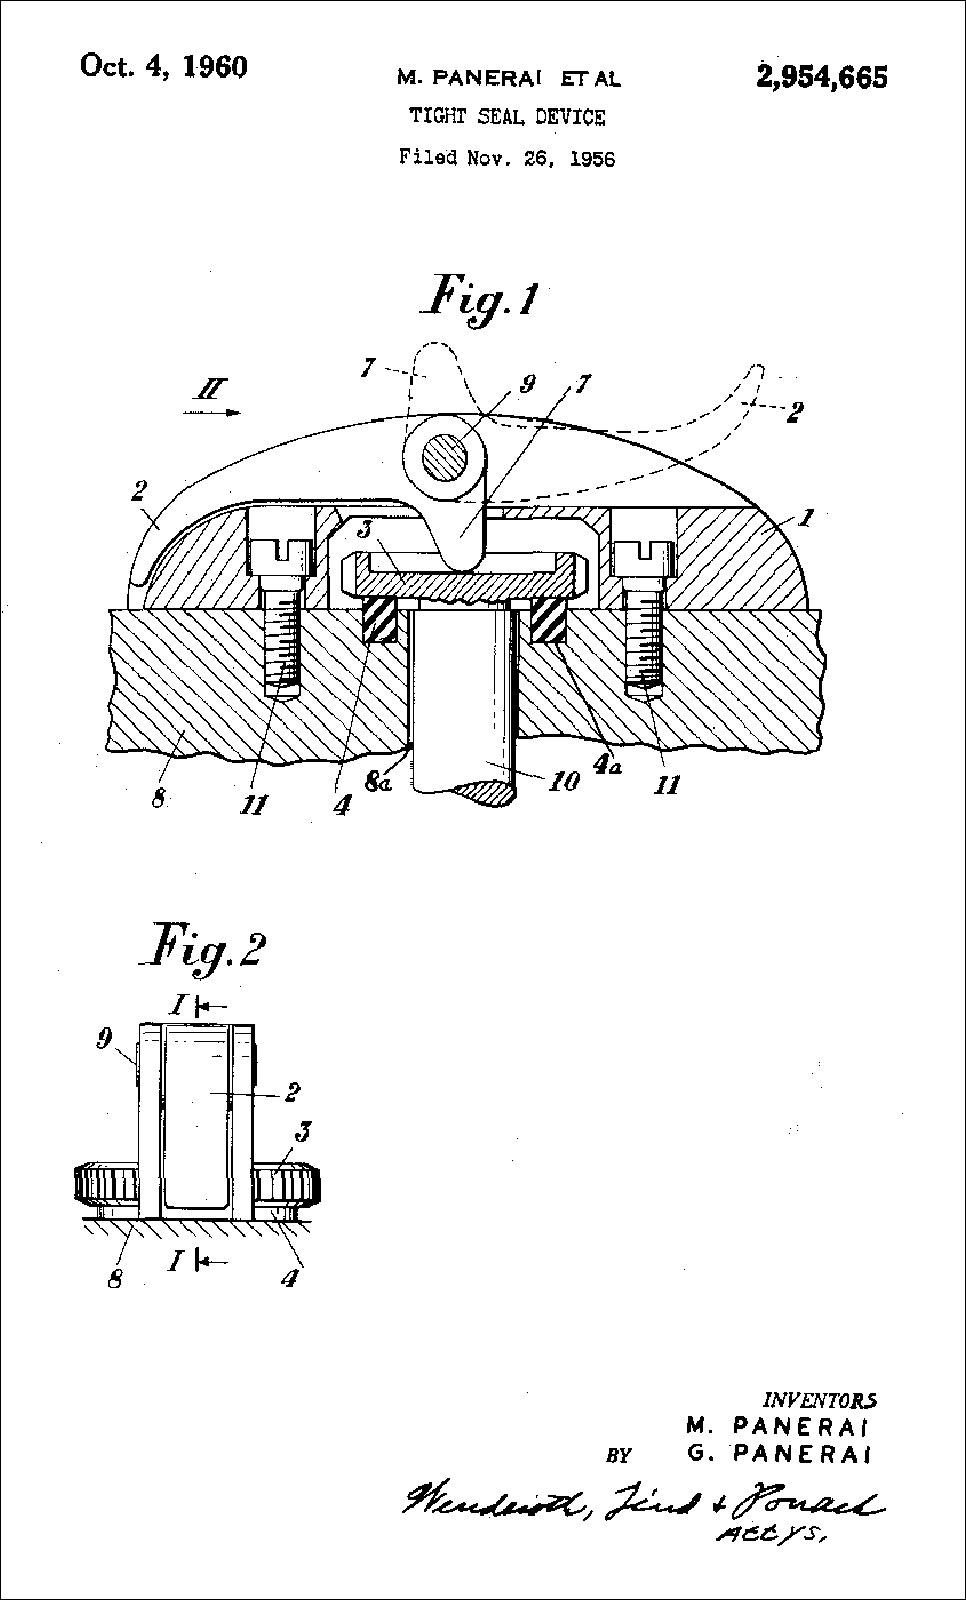 Panerai-Tight-Seal-Device-Patent-Nov-26-1956